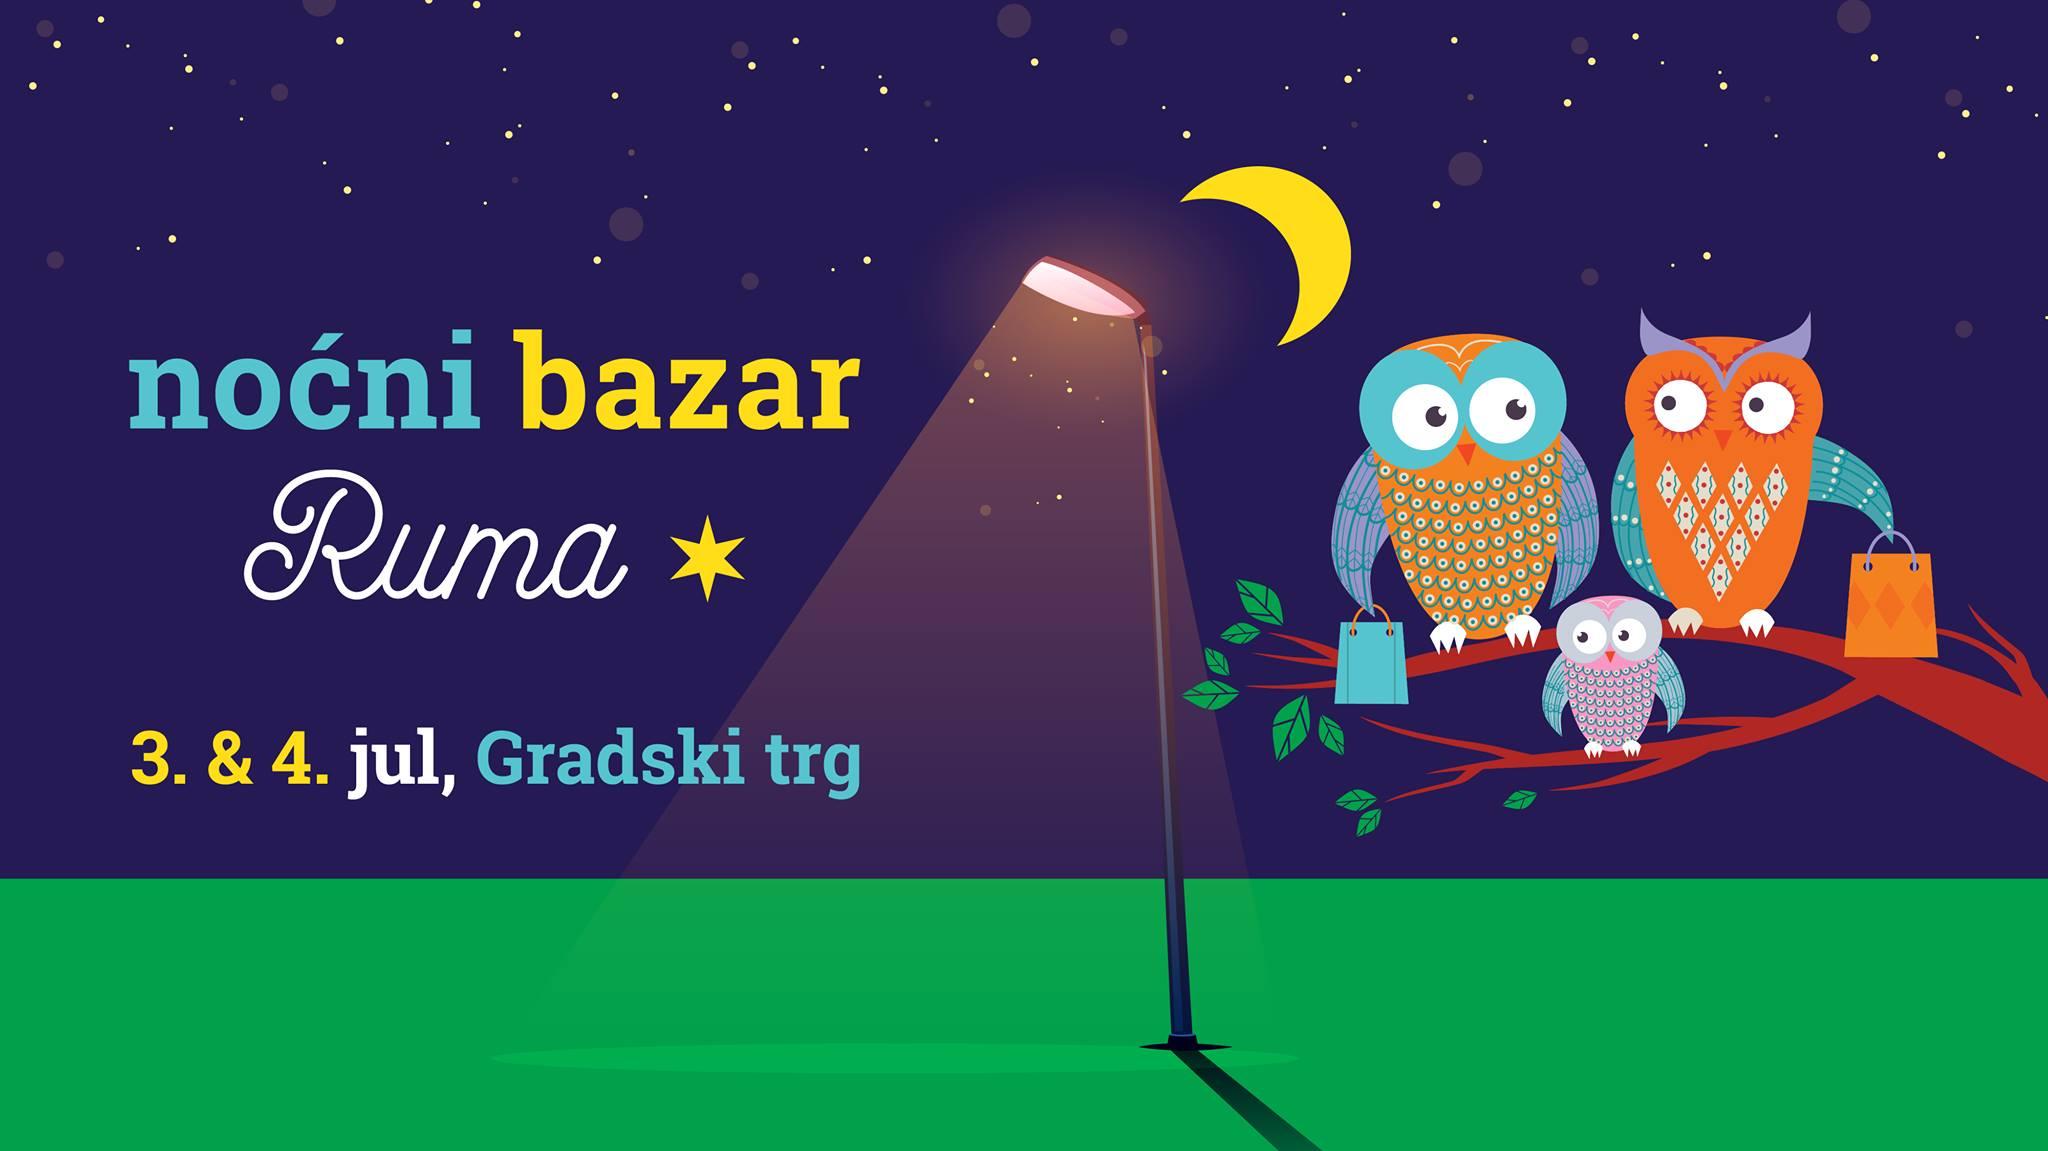 Ноћни базар Рума, 3. и 4. јул